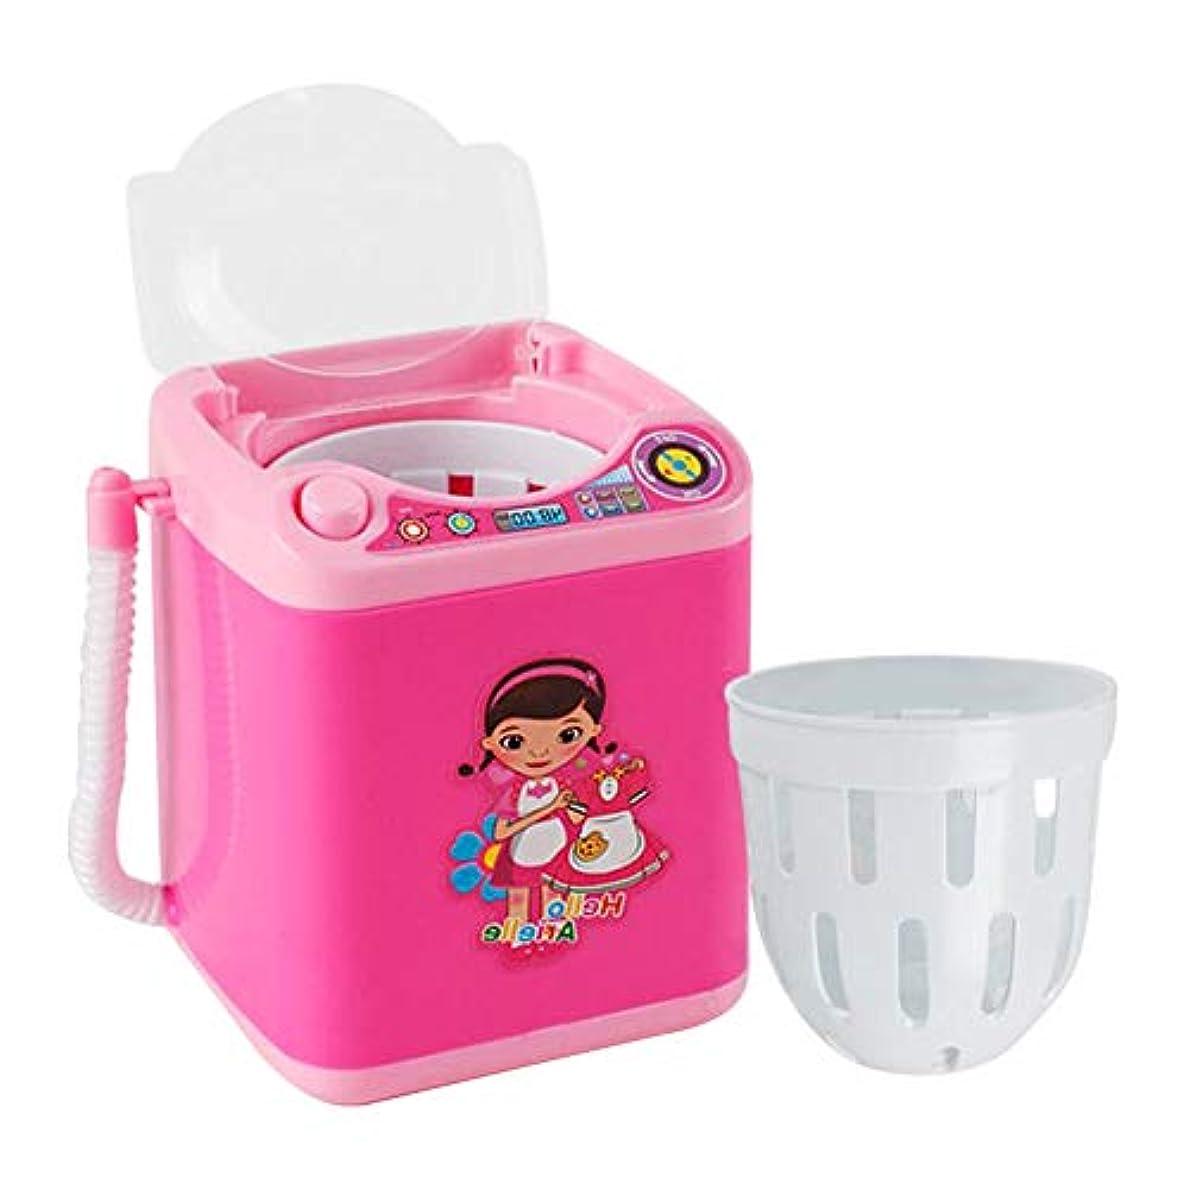 できない広い図書館JUEJI ミニ洗濯機 多機能 化粧ブラシ ワッシャー 遊ぶ 就学前 子供 化粧道具 おもちゃ (ピンク)